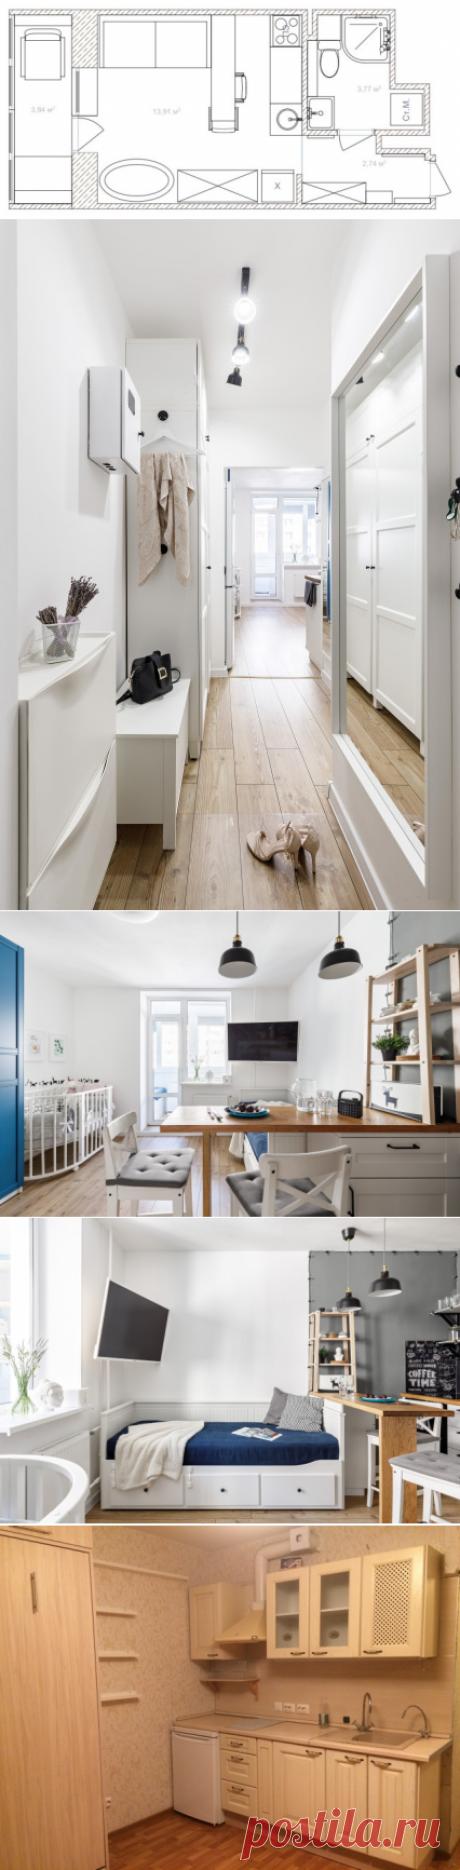 До и после: Студия 20 кв.м — для семьи с малышом | Houzz Россия